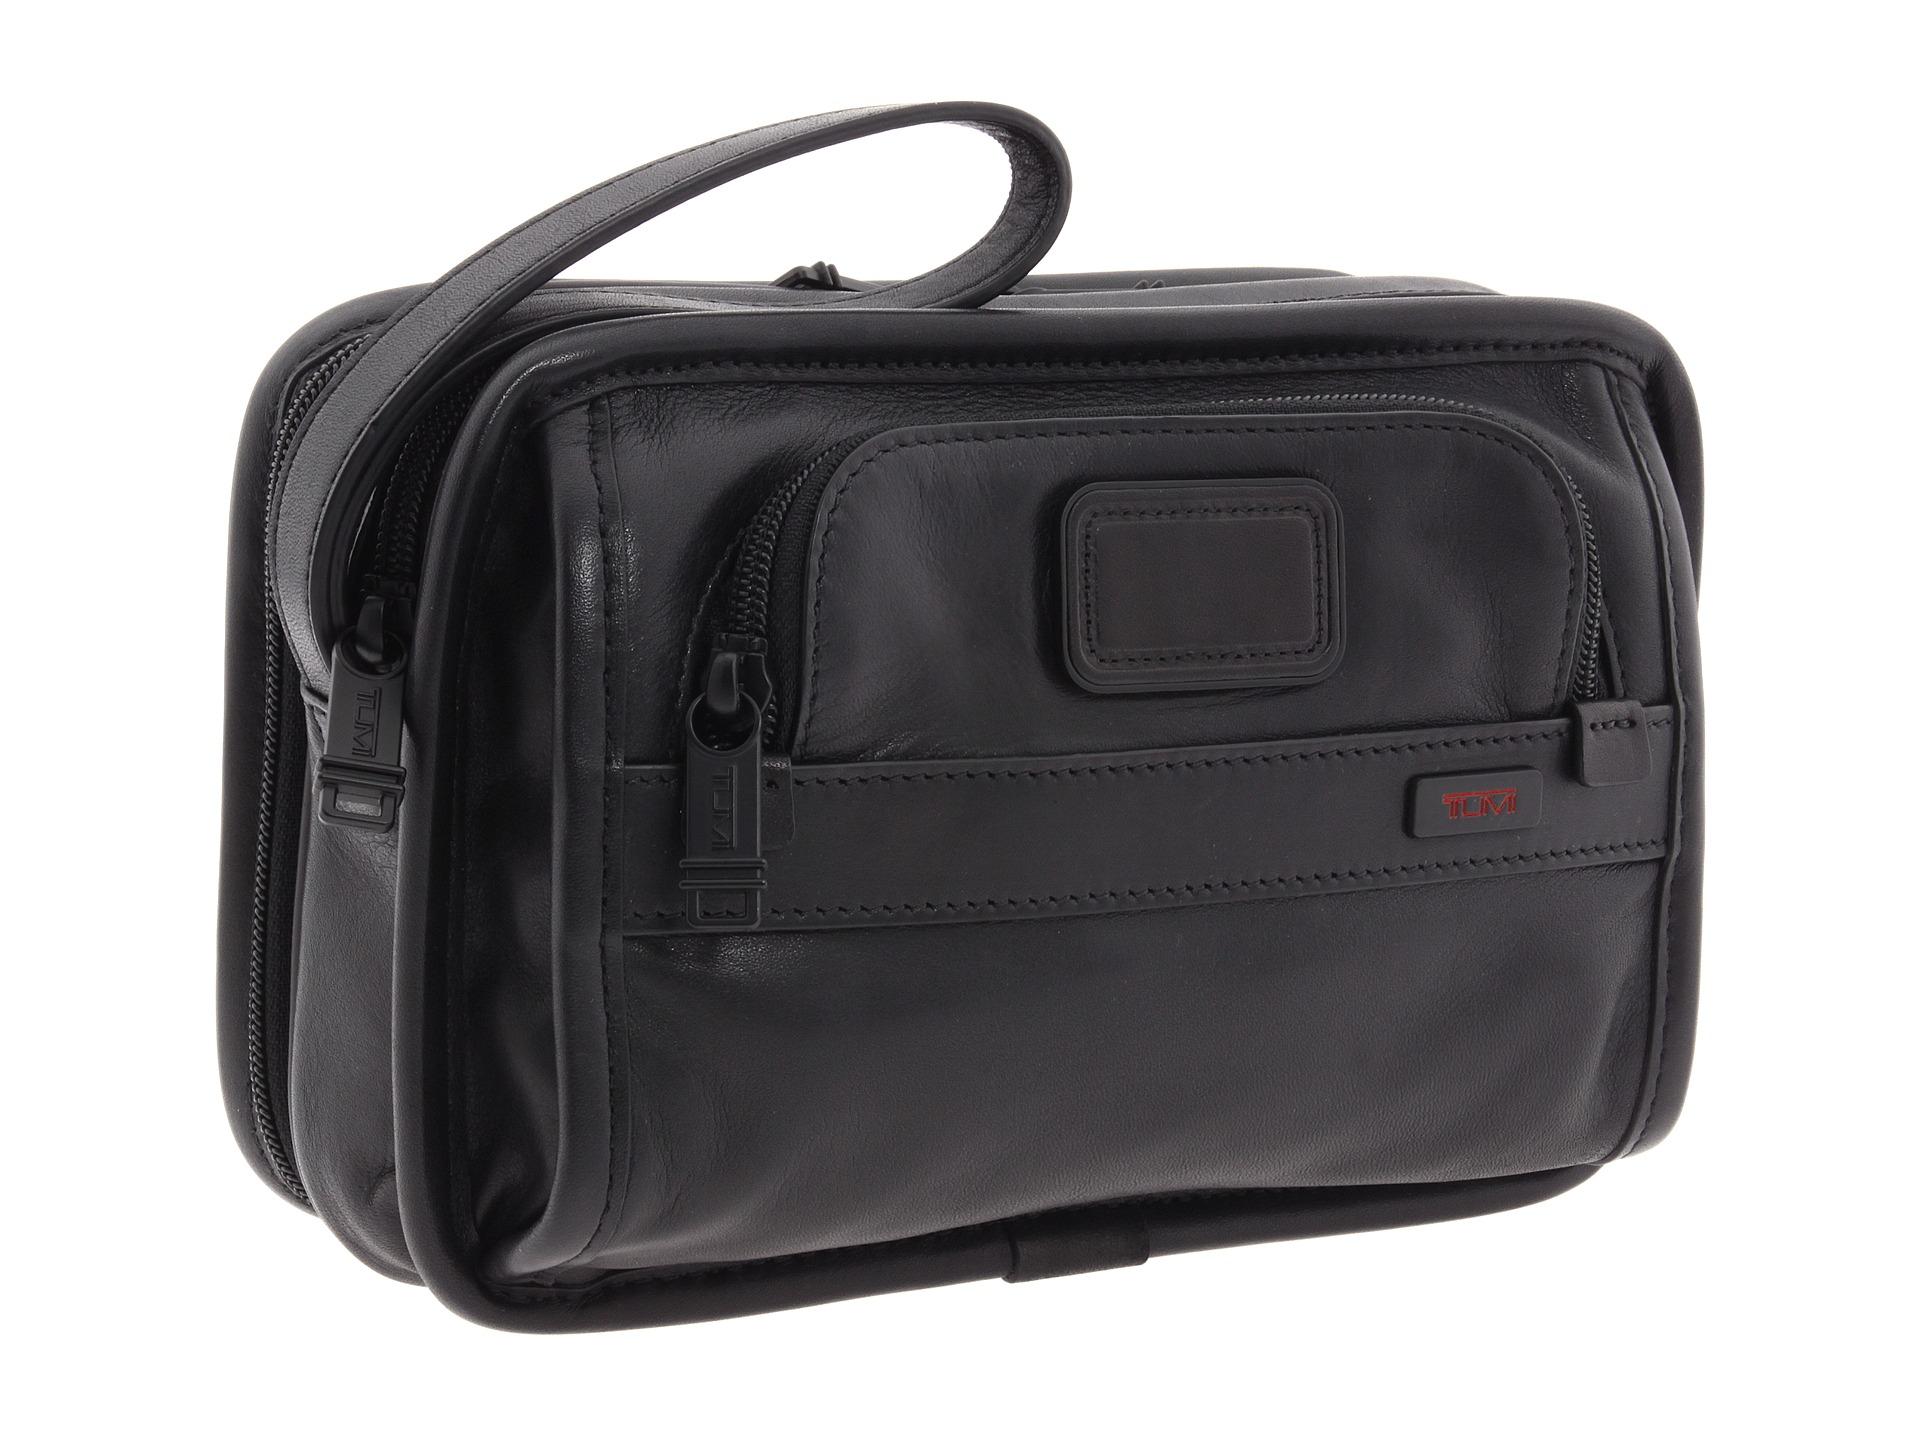 Lyst Tumi Alpha Leather Organizer Travel Clutch In Black